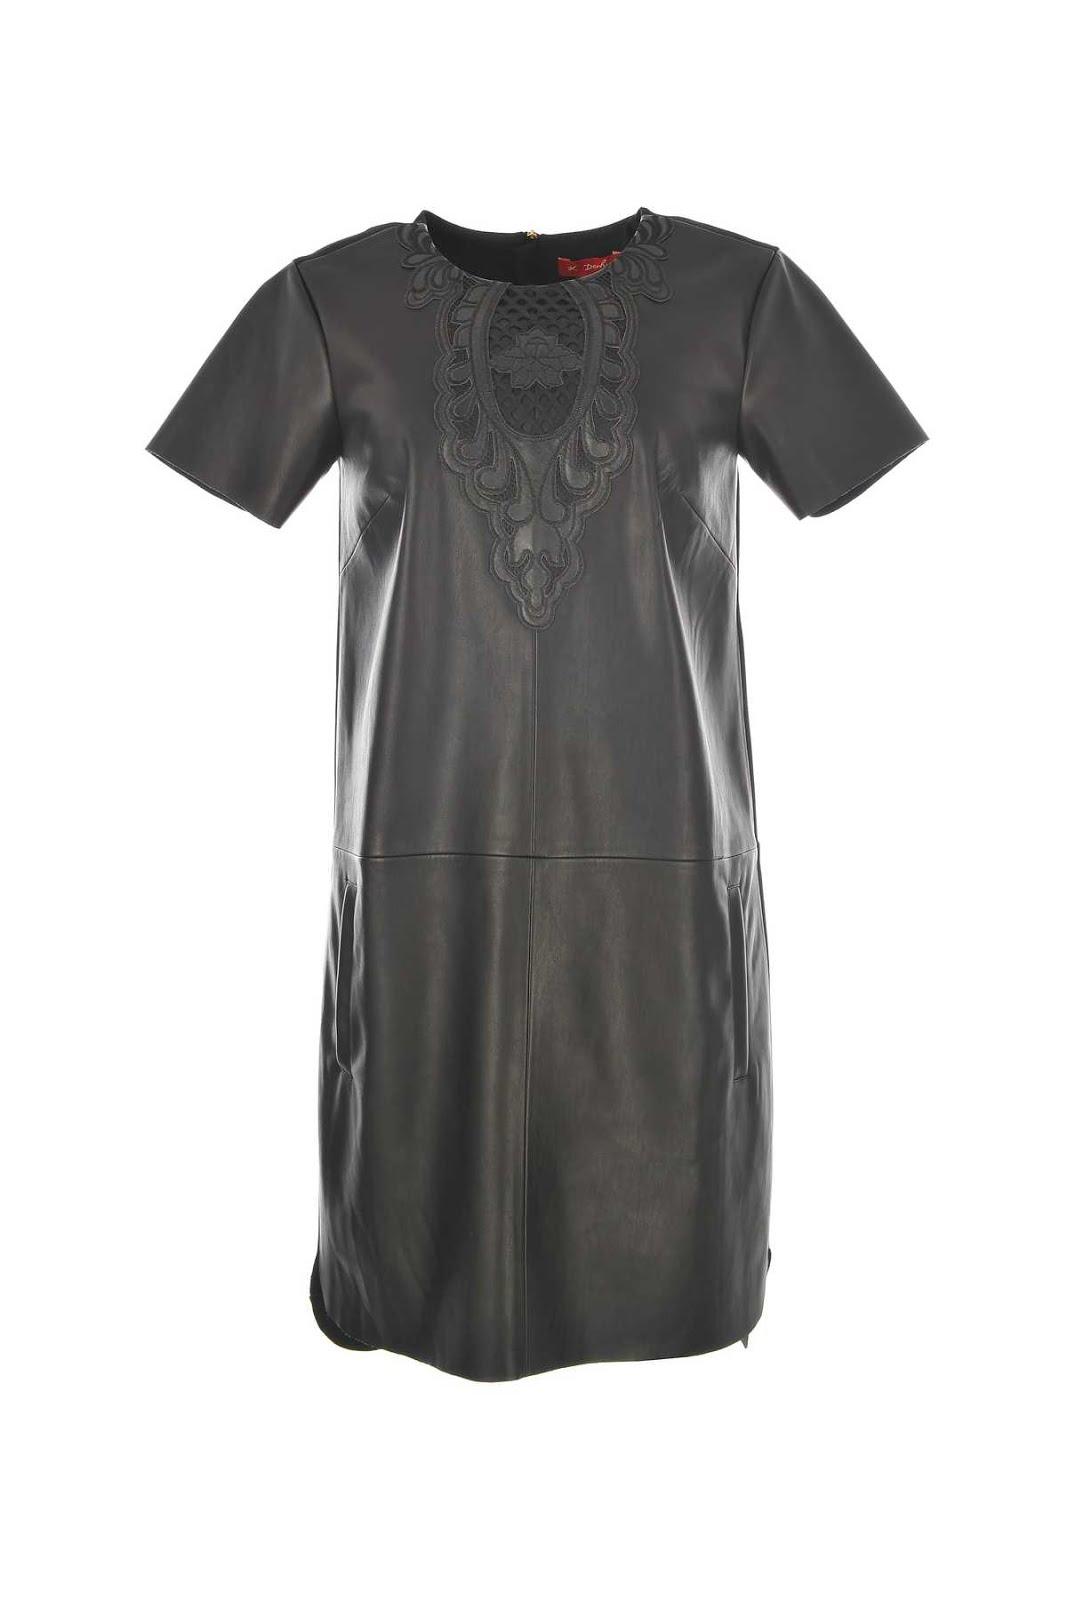 Φορεμα δερματινη με κεντημα